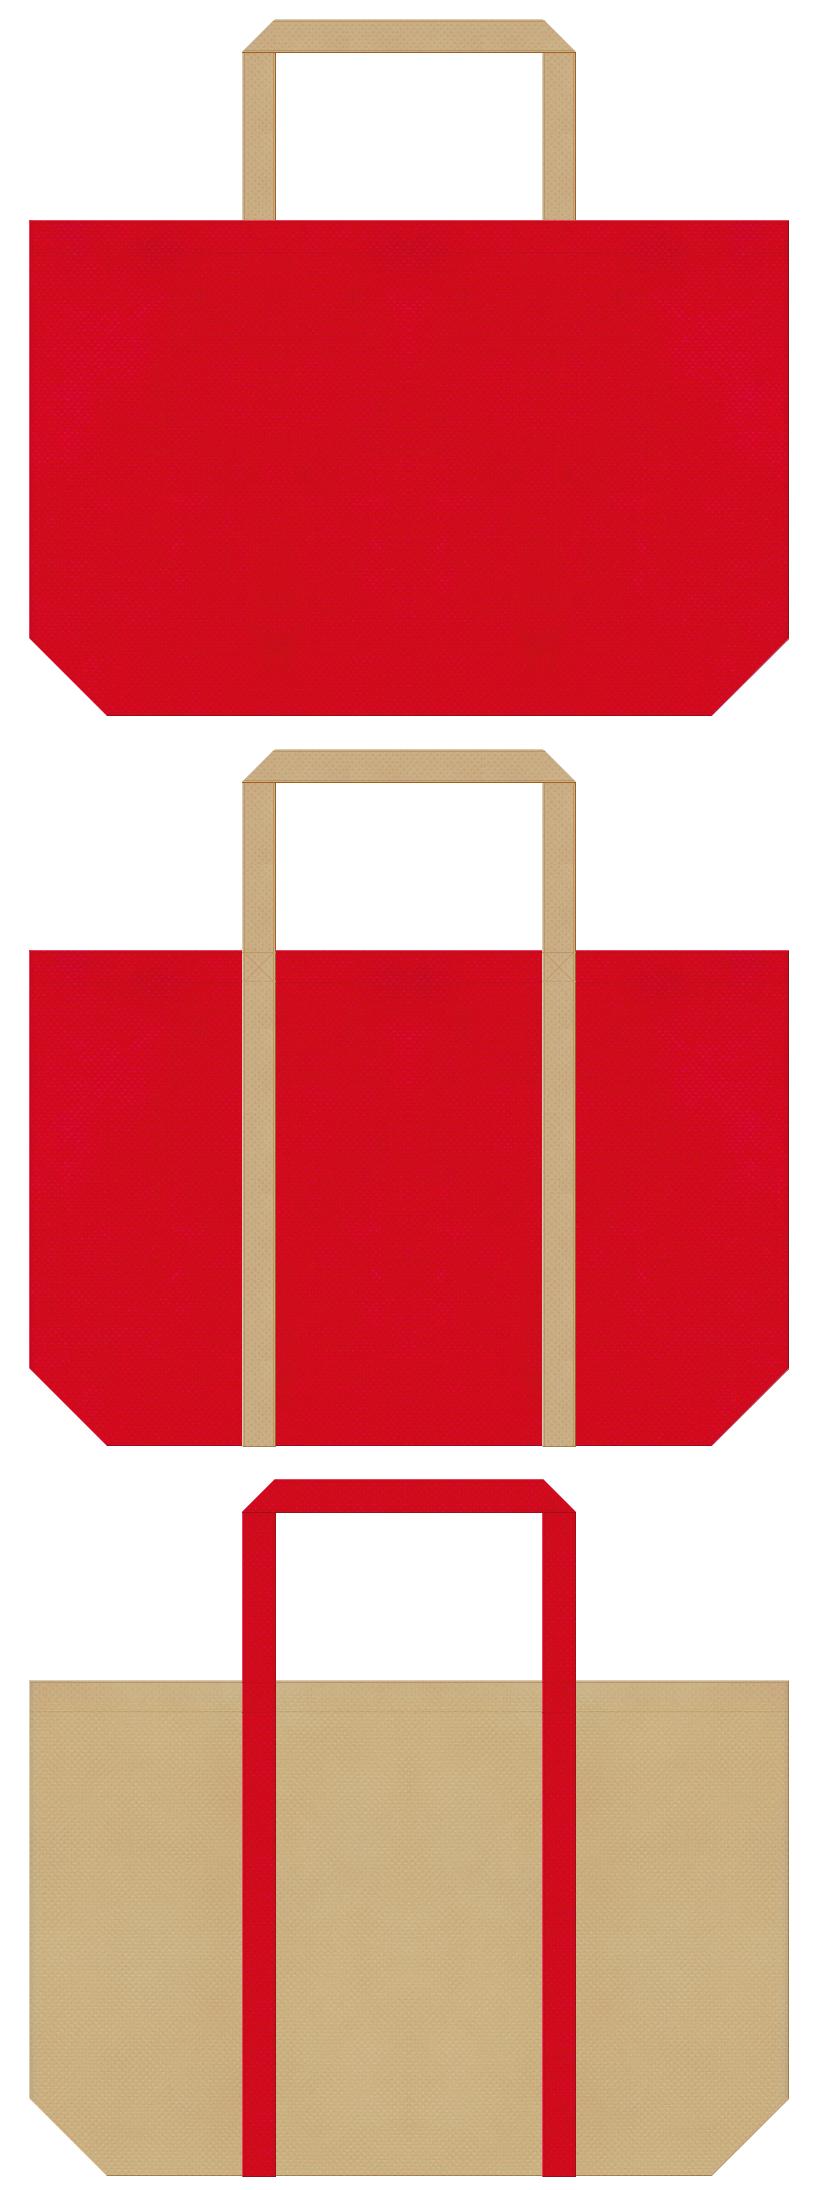 福袋にお奨めの不織布バッグデザイン:紅色とカーキ色のコーデ